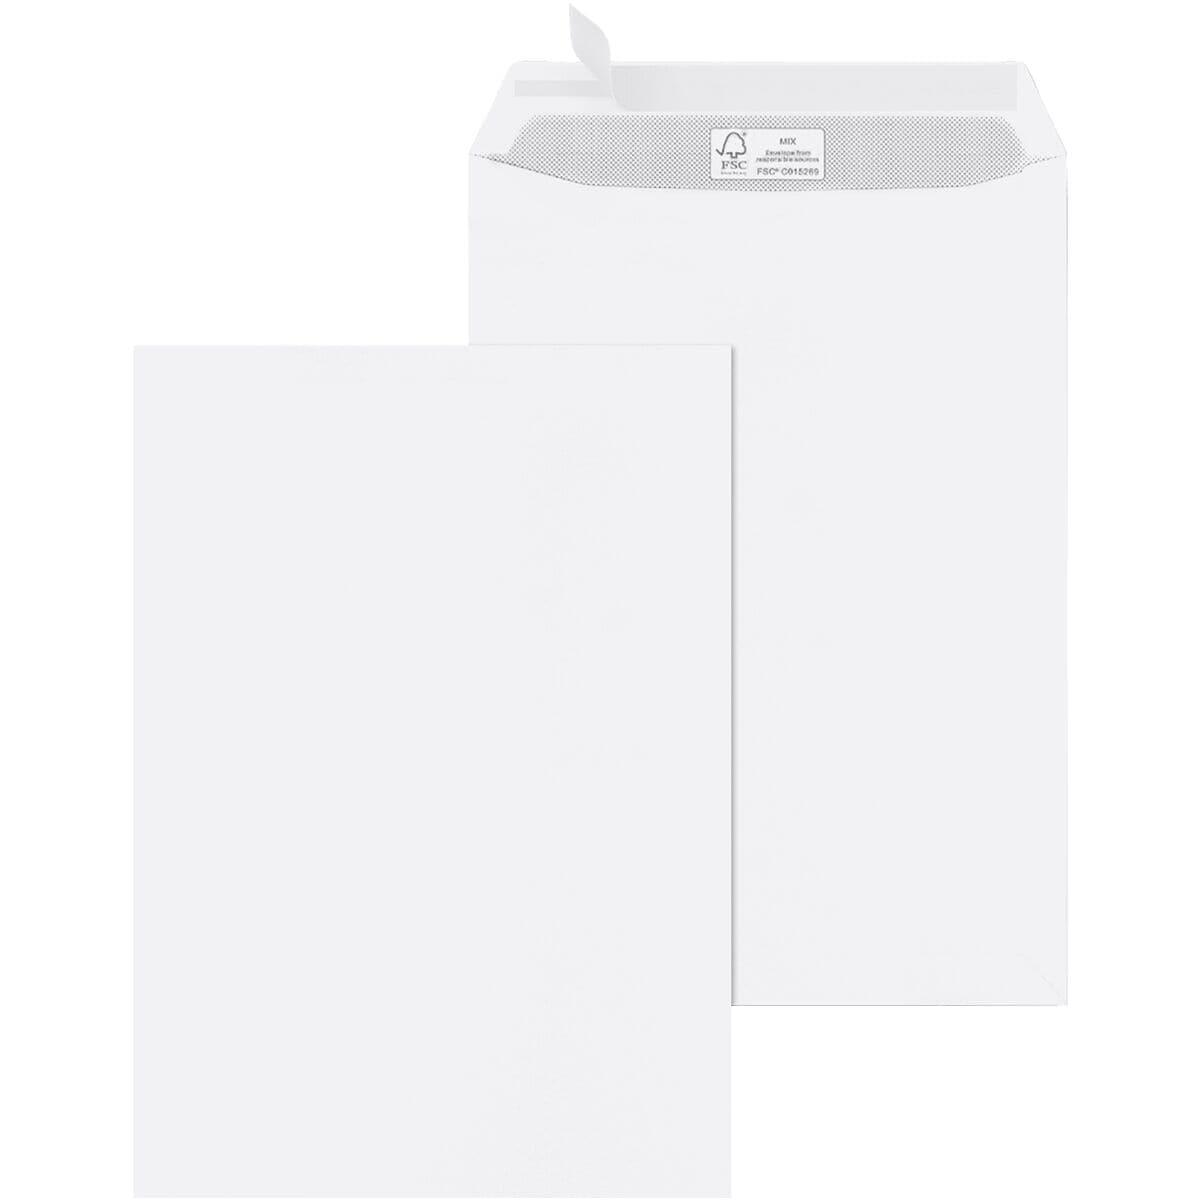 Briefumschläge Mailmedia, C4 100 g/m² ohne Fenster - 100 Stück